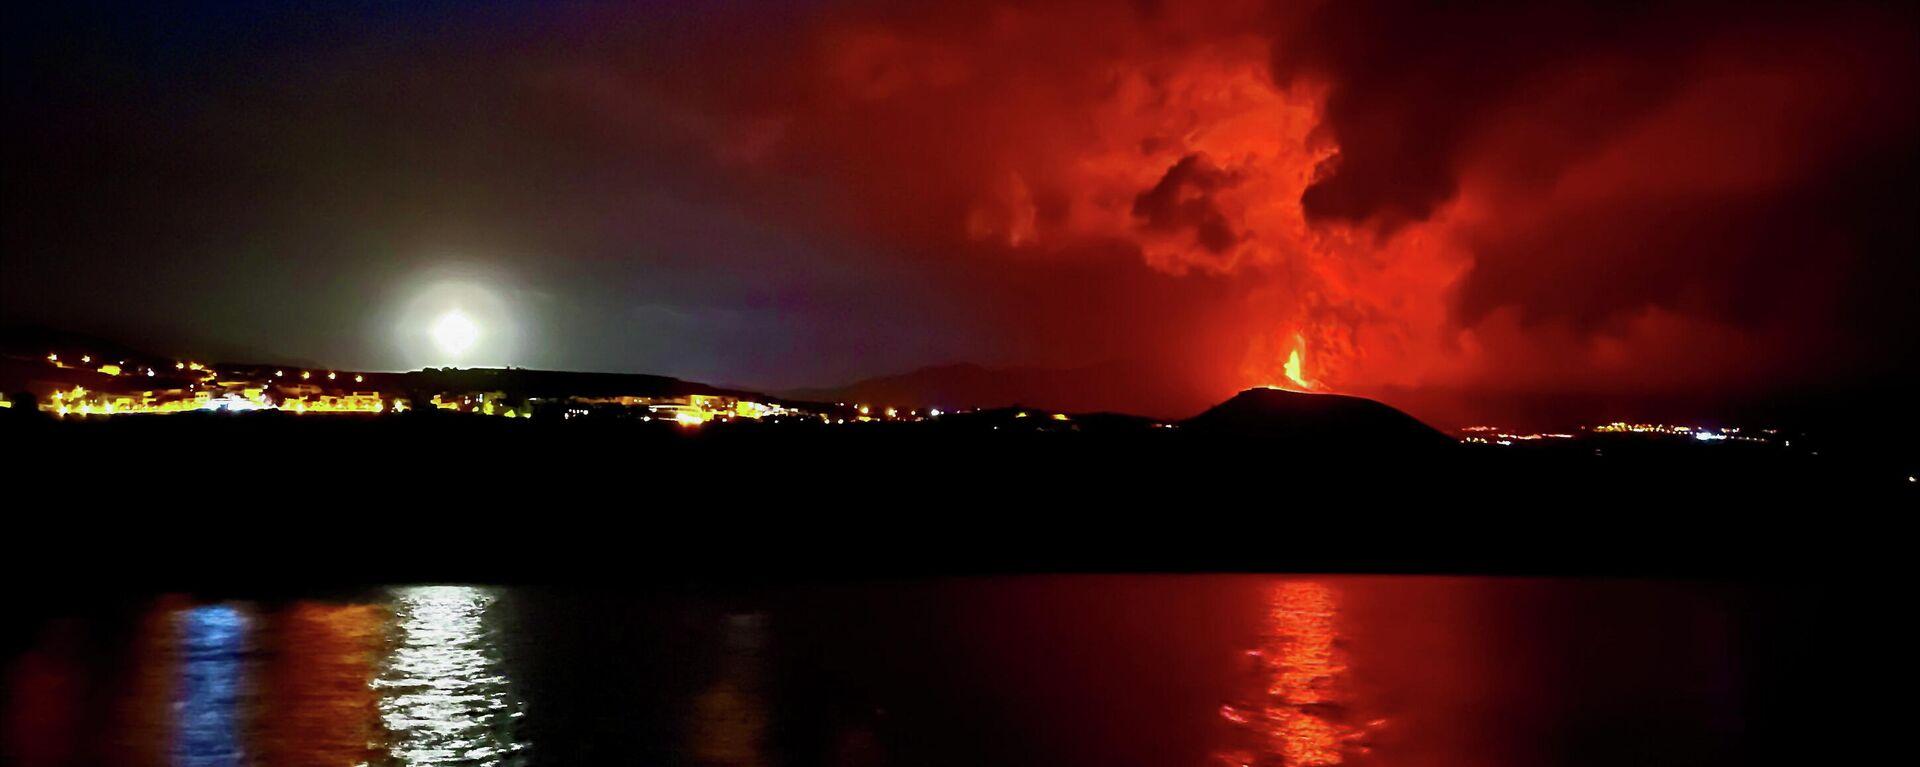 Erupción del volcán en La Palma - Sputnik Mundo, 1920, 25.09.2021